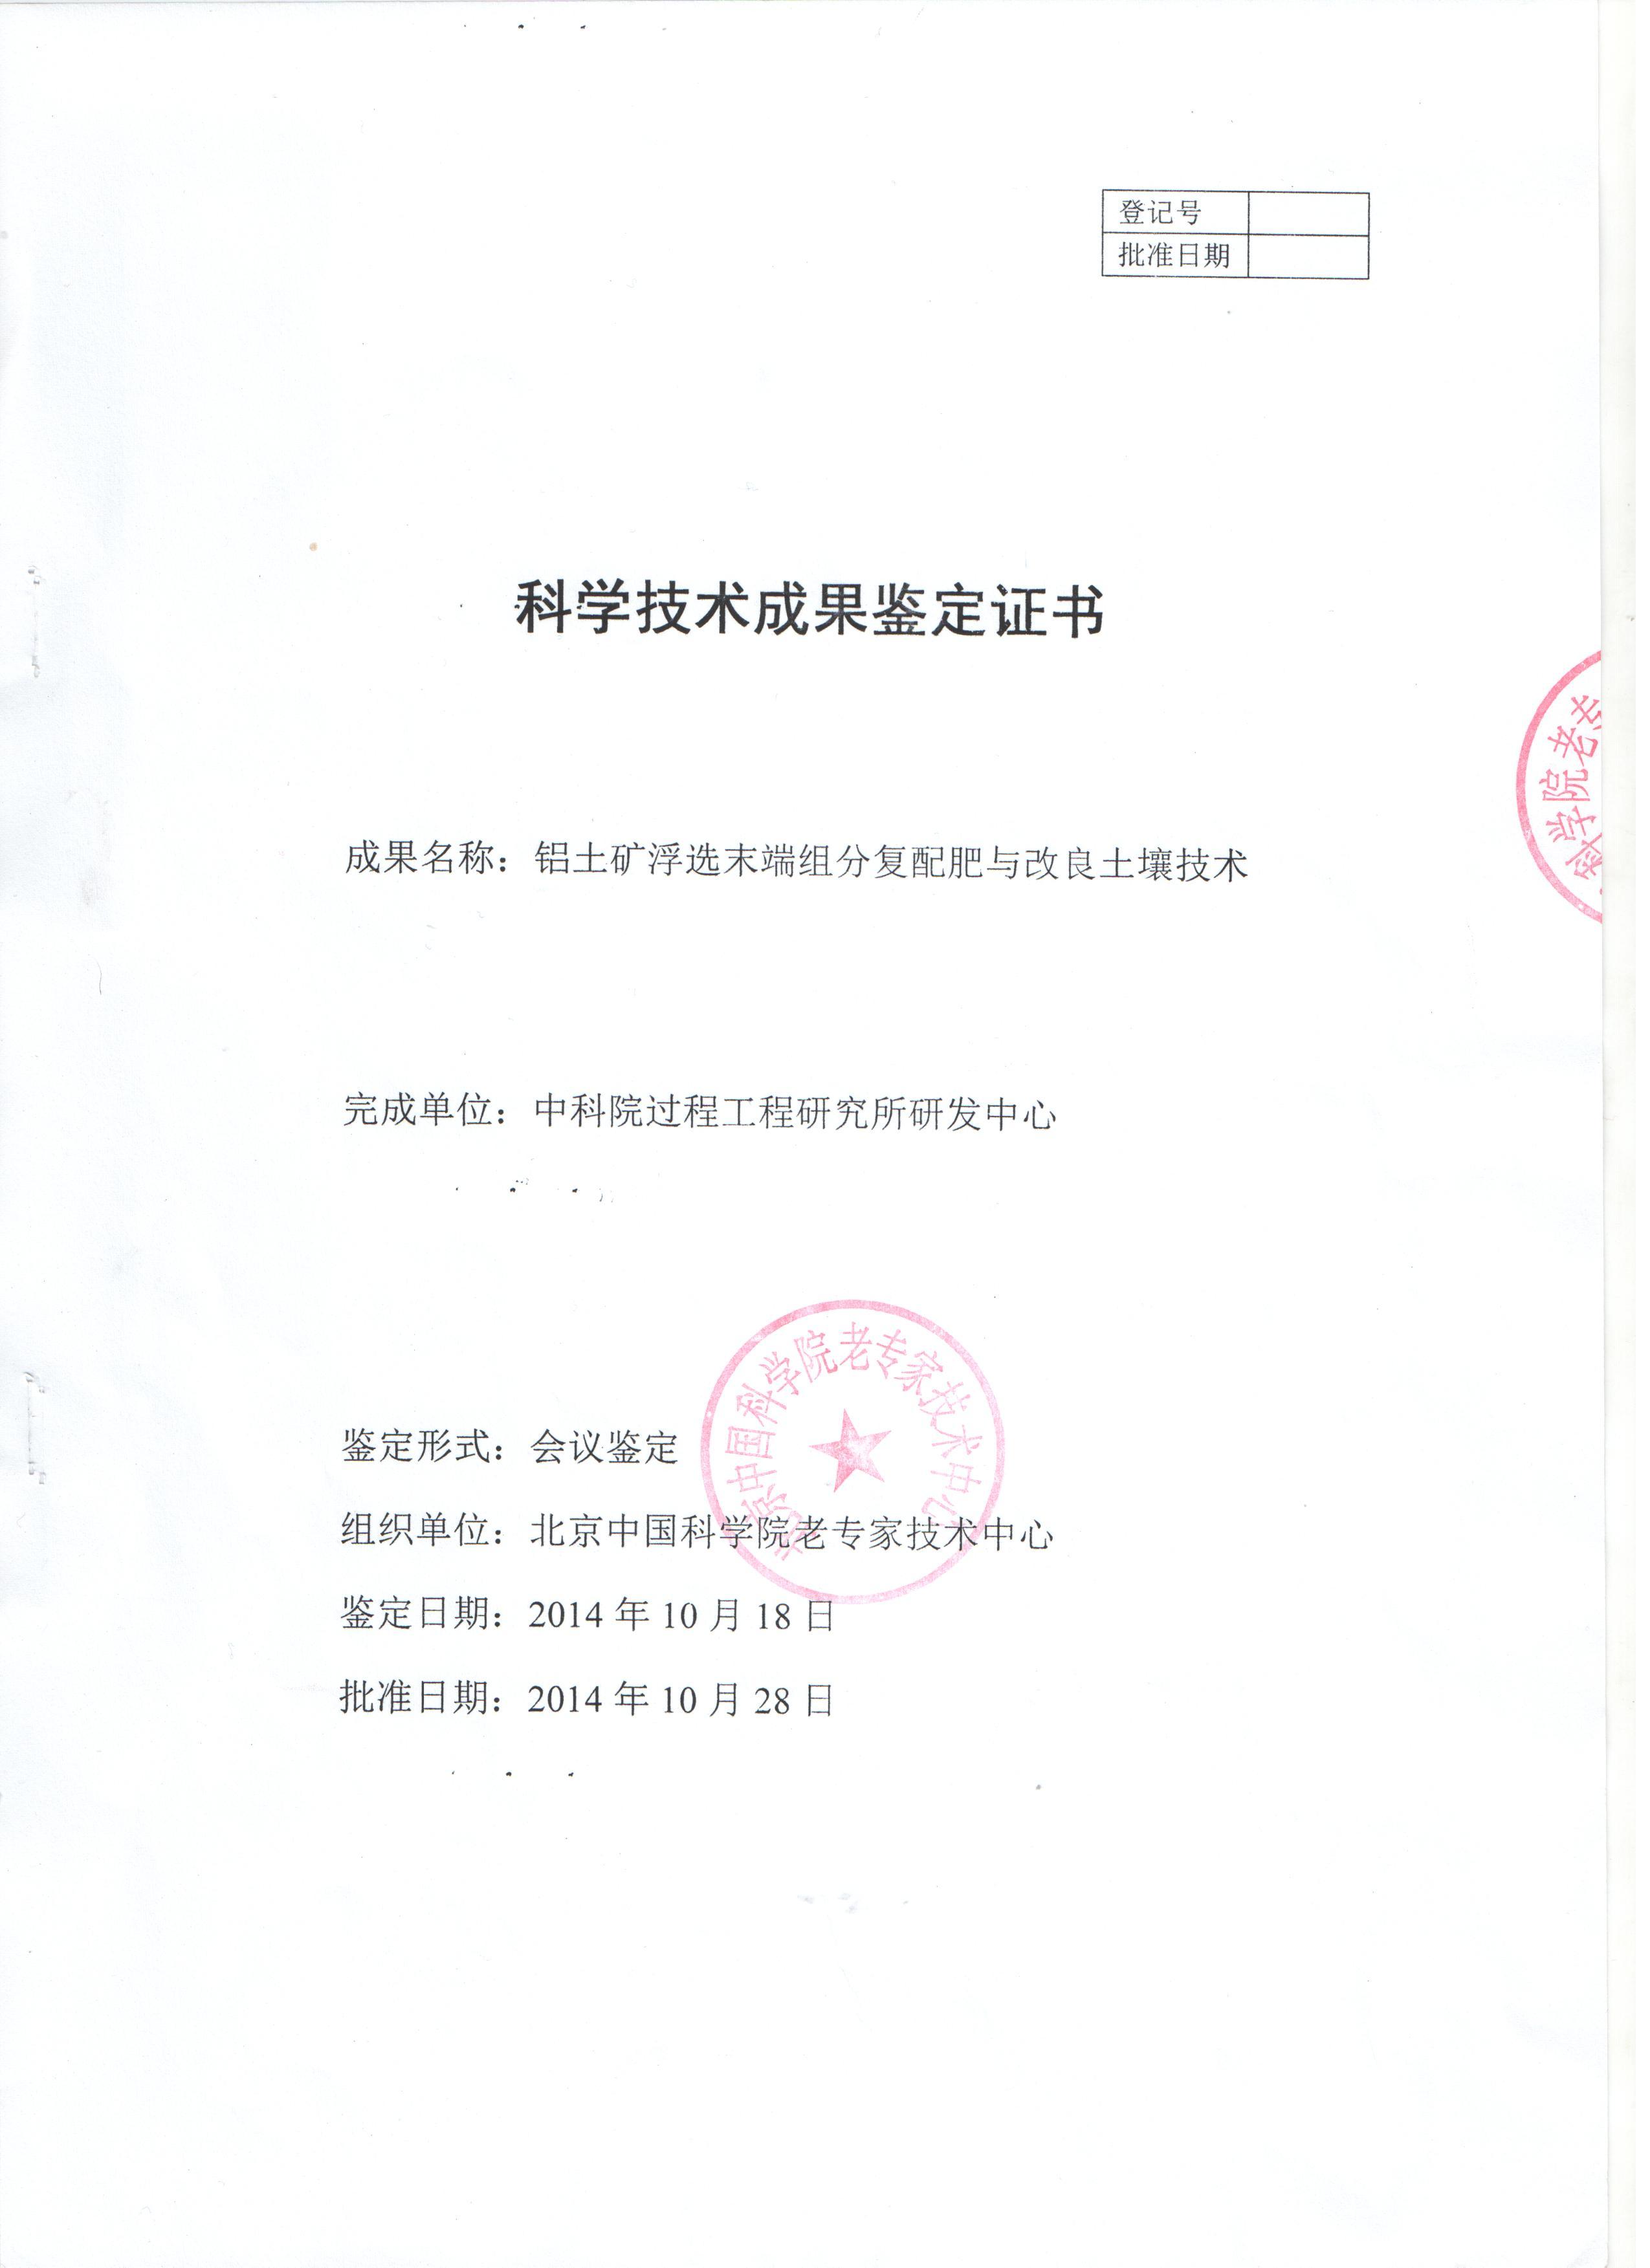 http://cdn.ilhjy.cn/165738691_shop_ilhjy_cn/public_html/runtime/uploads/24b755a5d0822d8295d249ff7dc2d281.jpg